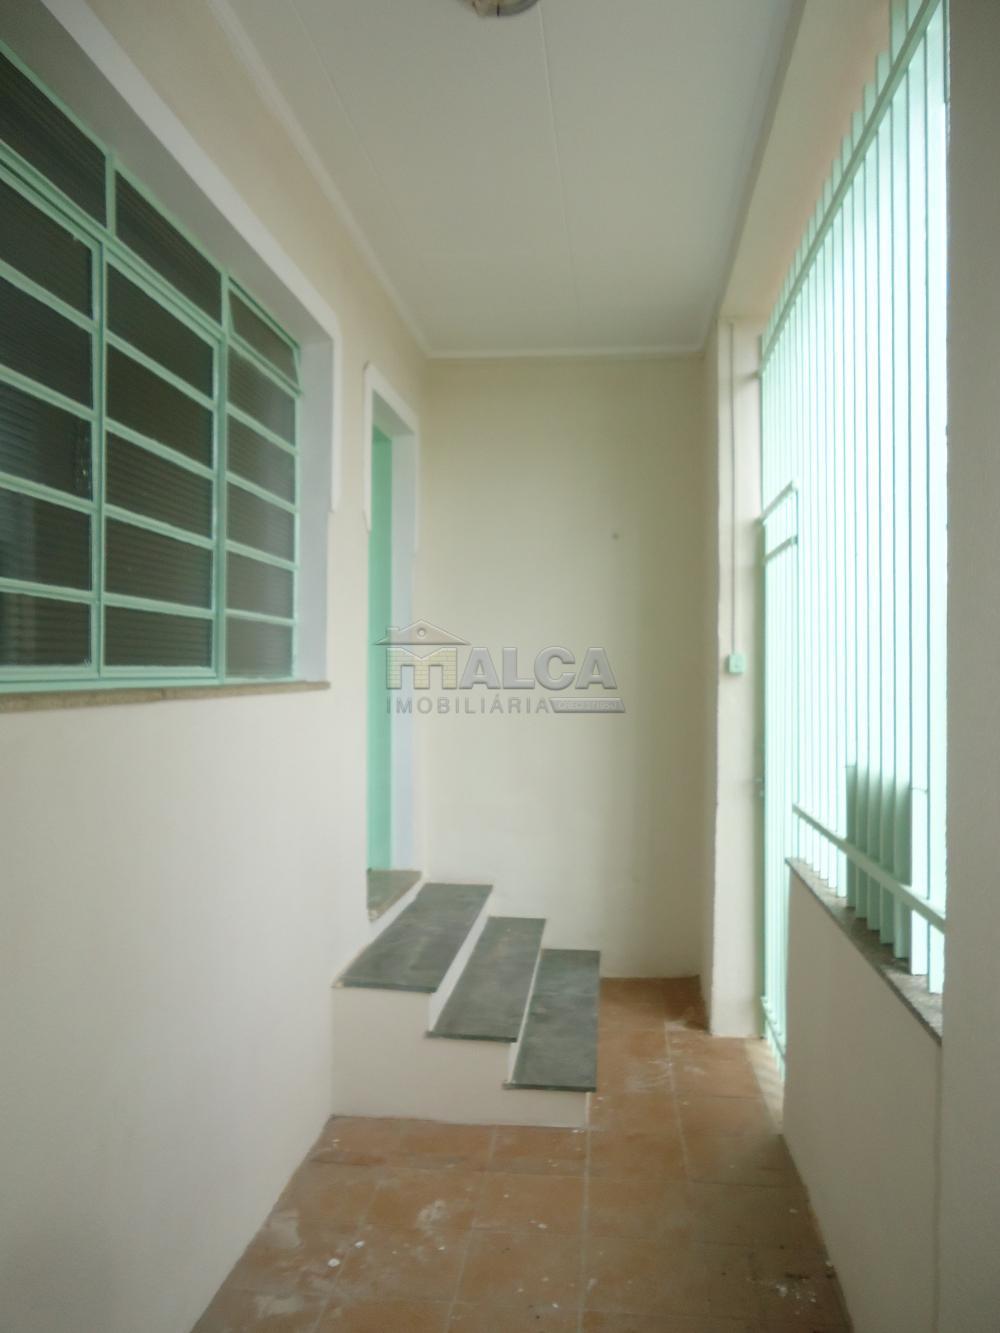 Alugar Casas / Padrão em São José do Rio Pardo R$ 1.120,00 - Foto 4